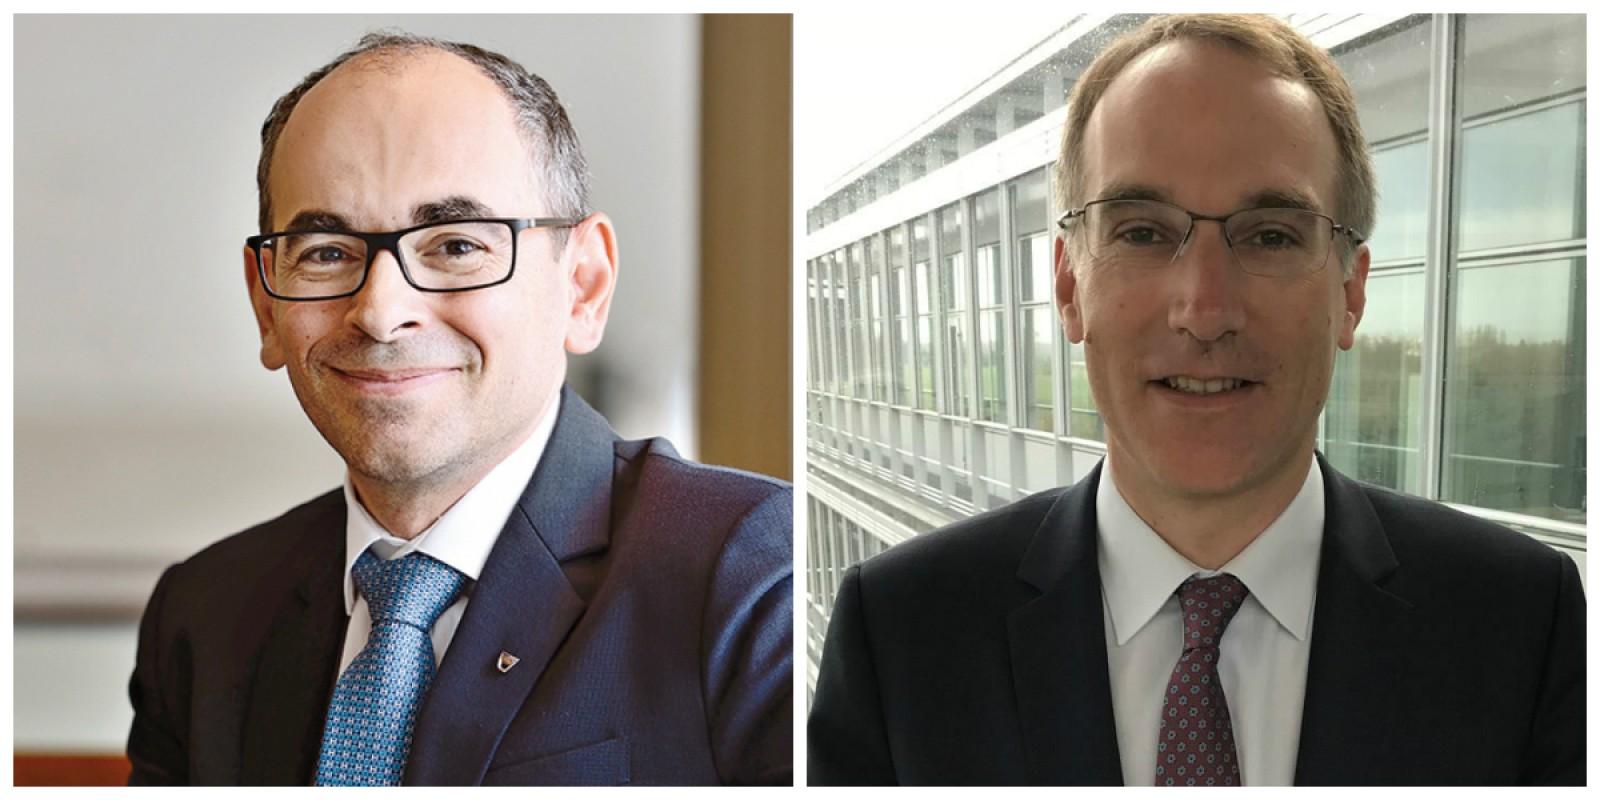 Schimbări majore în conducerea grupului Renault! Dacia are un nou director general